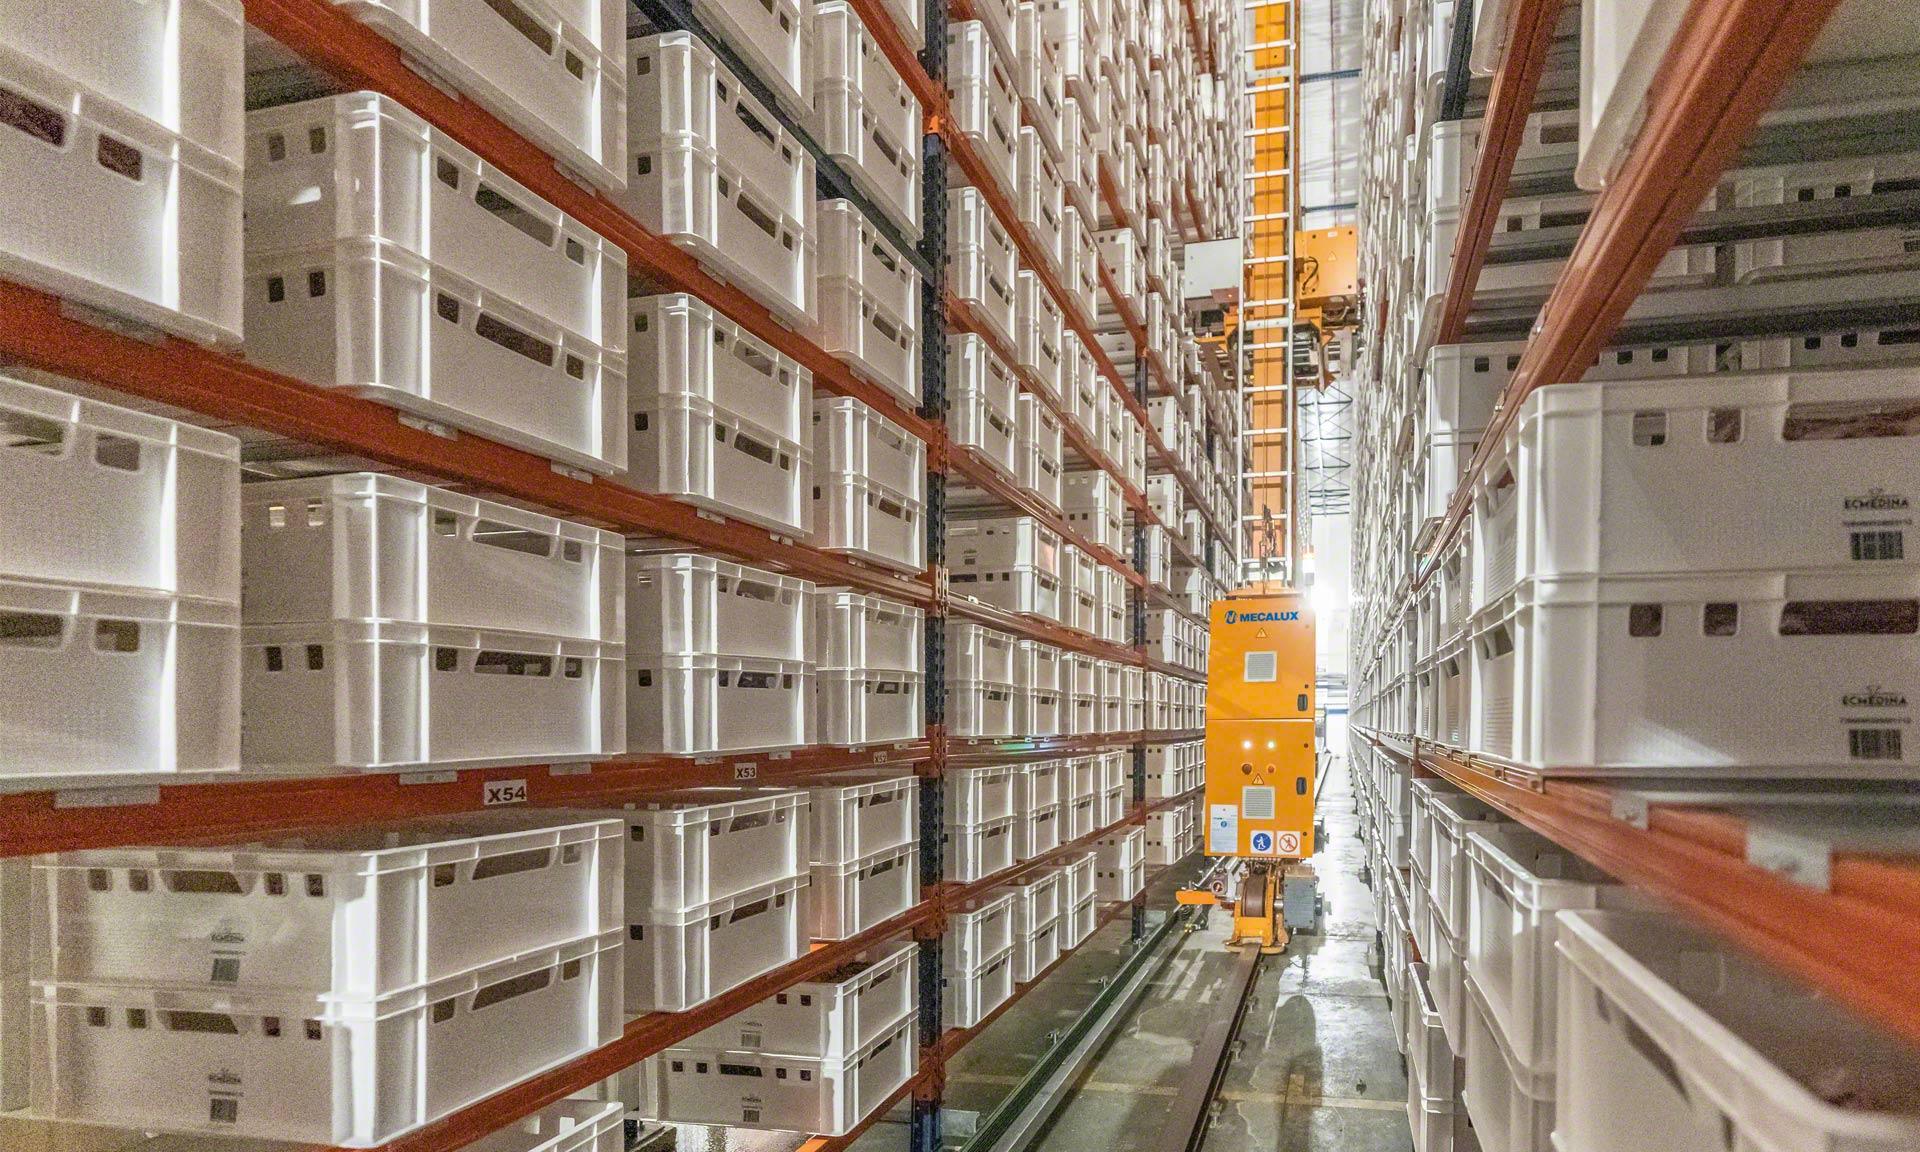 Elaborados Cárnicos Medina: 30 tysięcy ton mięsa rocznie w automatycznej dojrzewalni